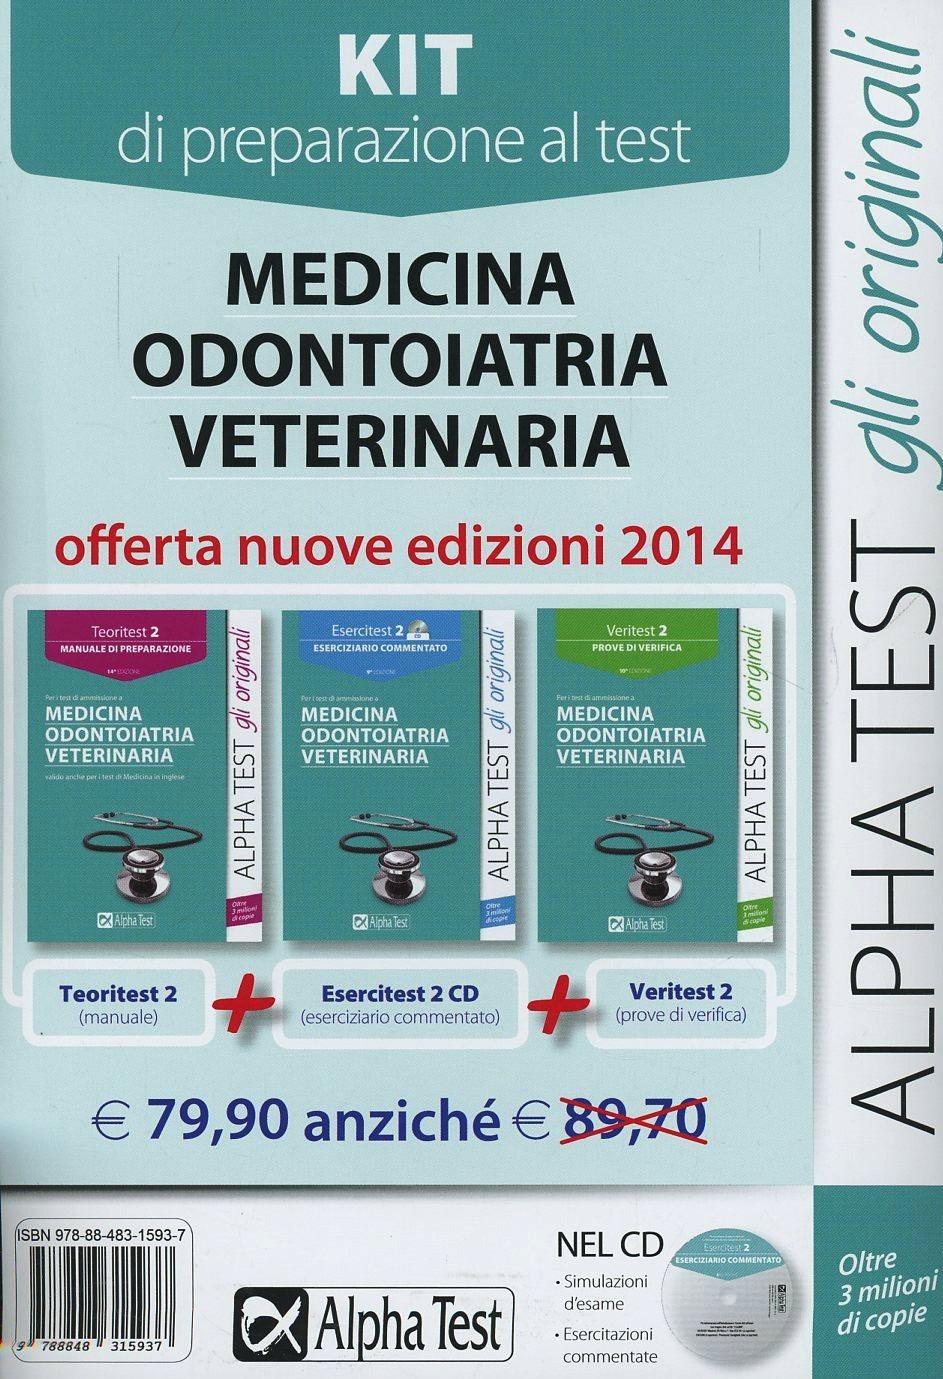 Image of (NUOVO o USATO) Medicina, odontoiatria, veterinaria. Kit di prepar..